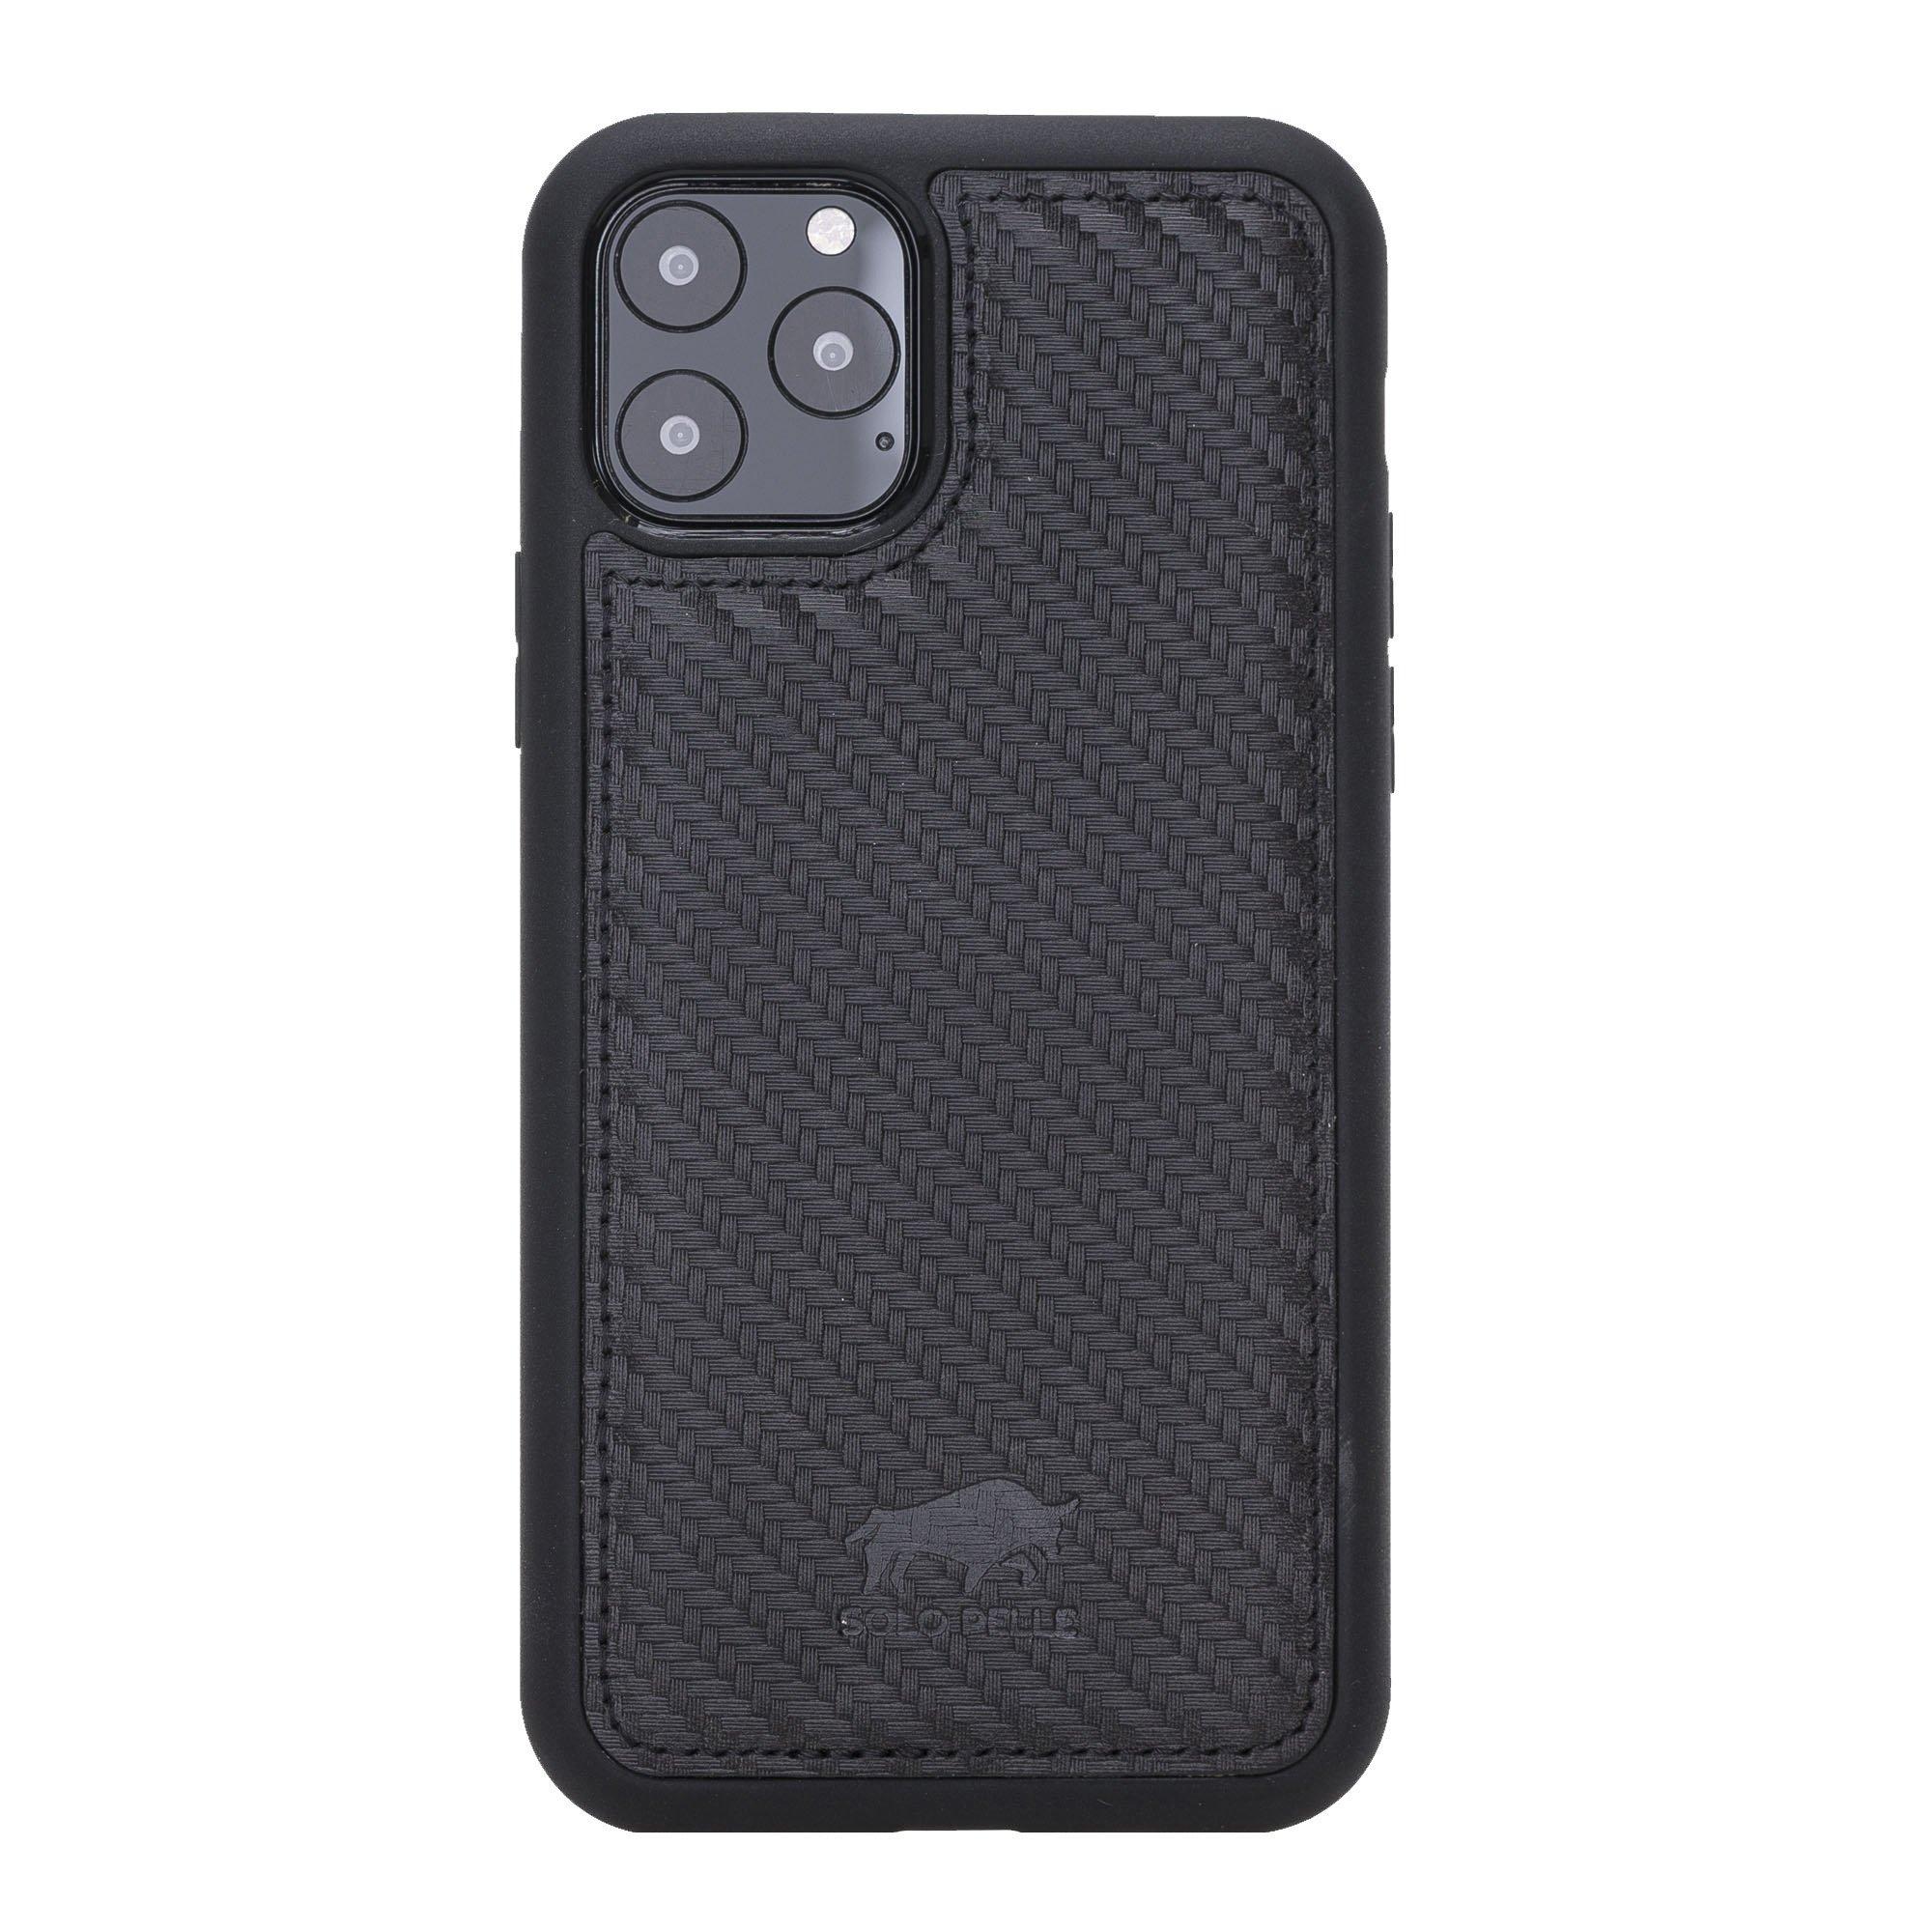 Solo Pelle Lederhülle für das iPhone 11 Pro in 5.8 Zoll Stanford (Carbonprägung)